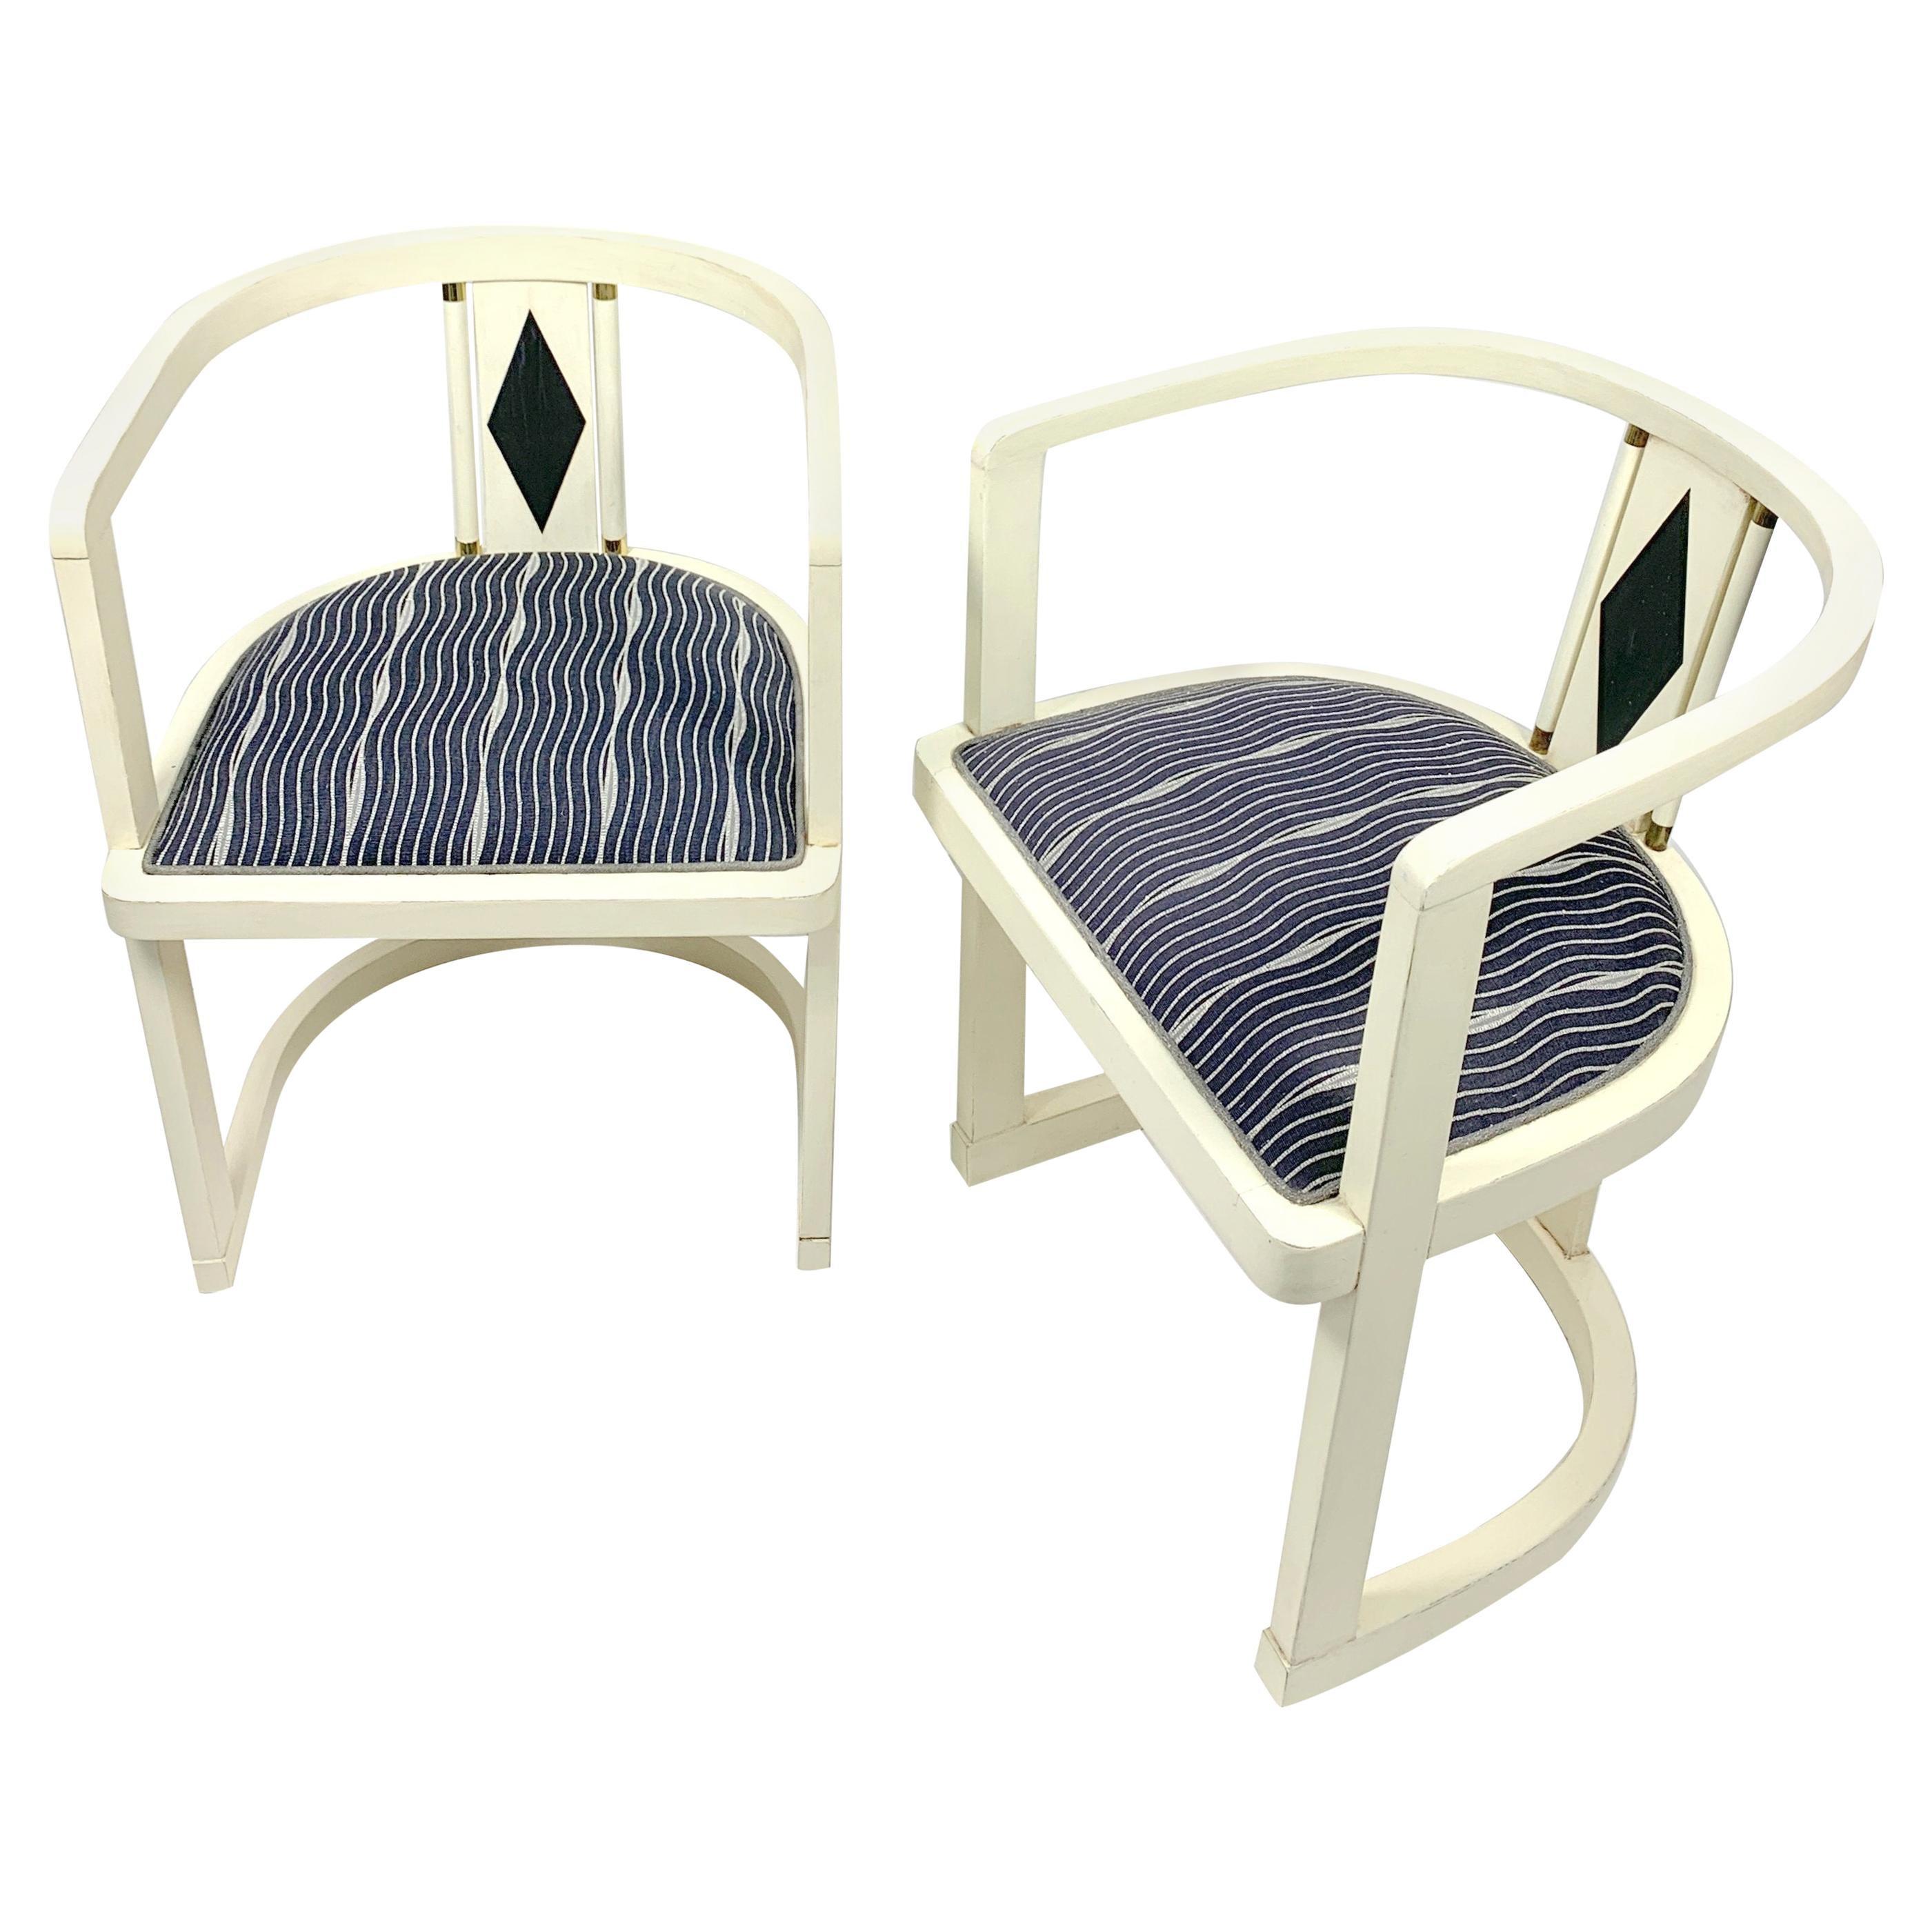 Art Nouveau Chairs, 1900s